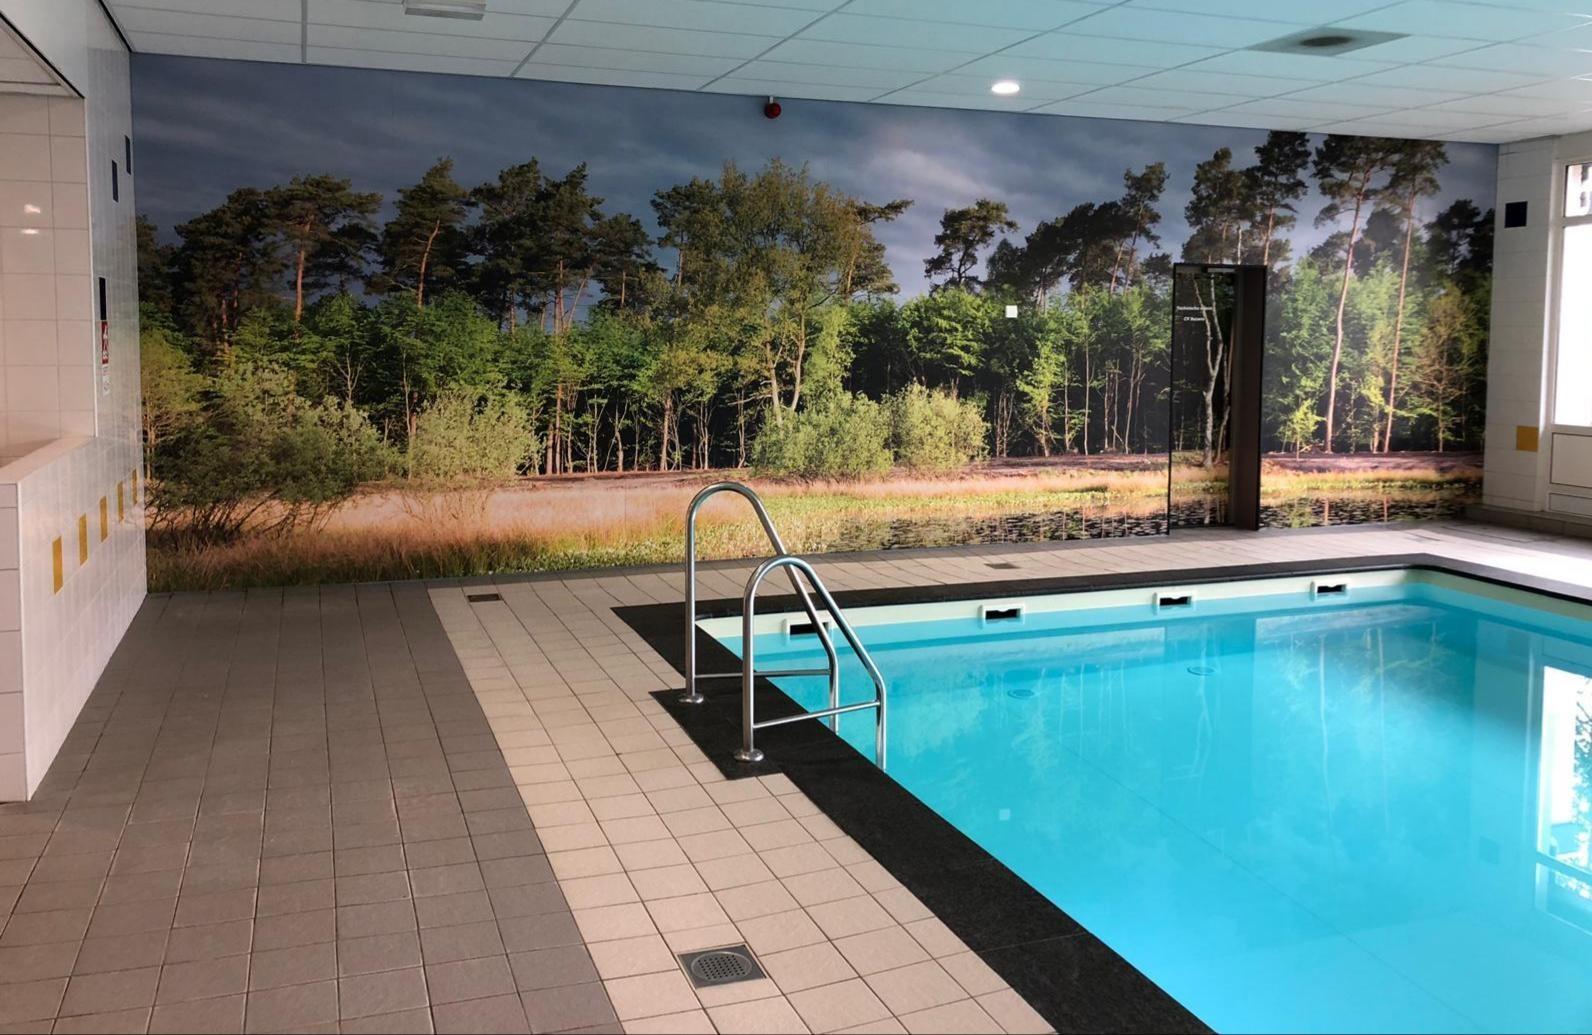 Kwaliteit foto voor fotobehang bij een zwembad